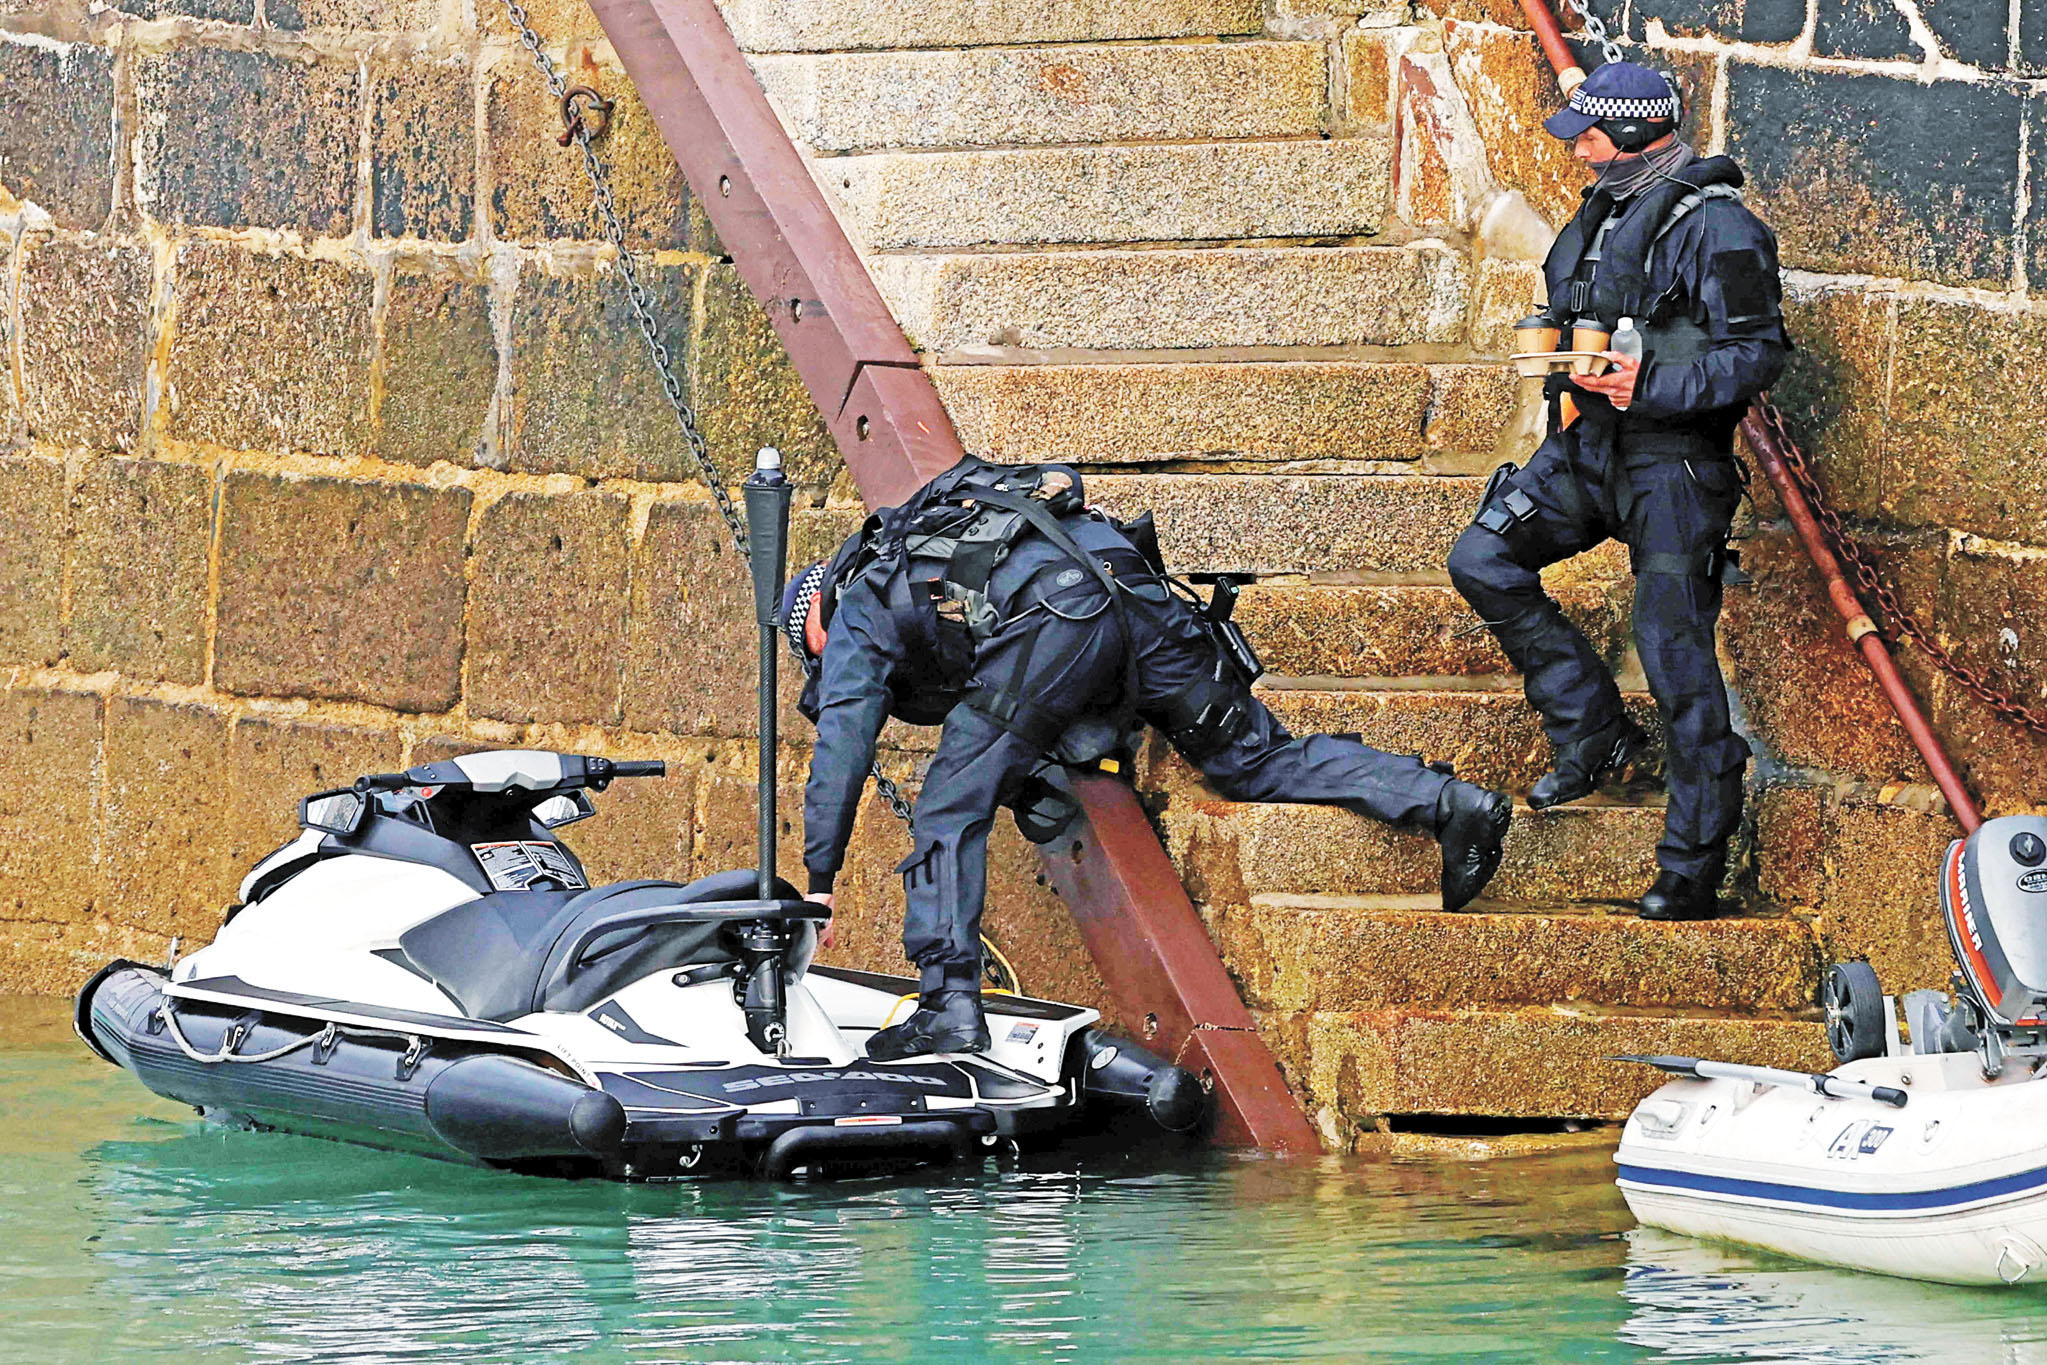 G7峰會將在英國康沃爾郡卡比斯灣舉行,警方在當地加強警戒。法新社